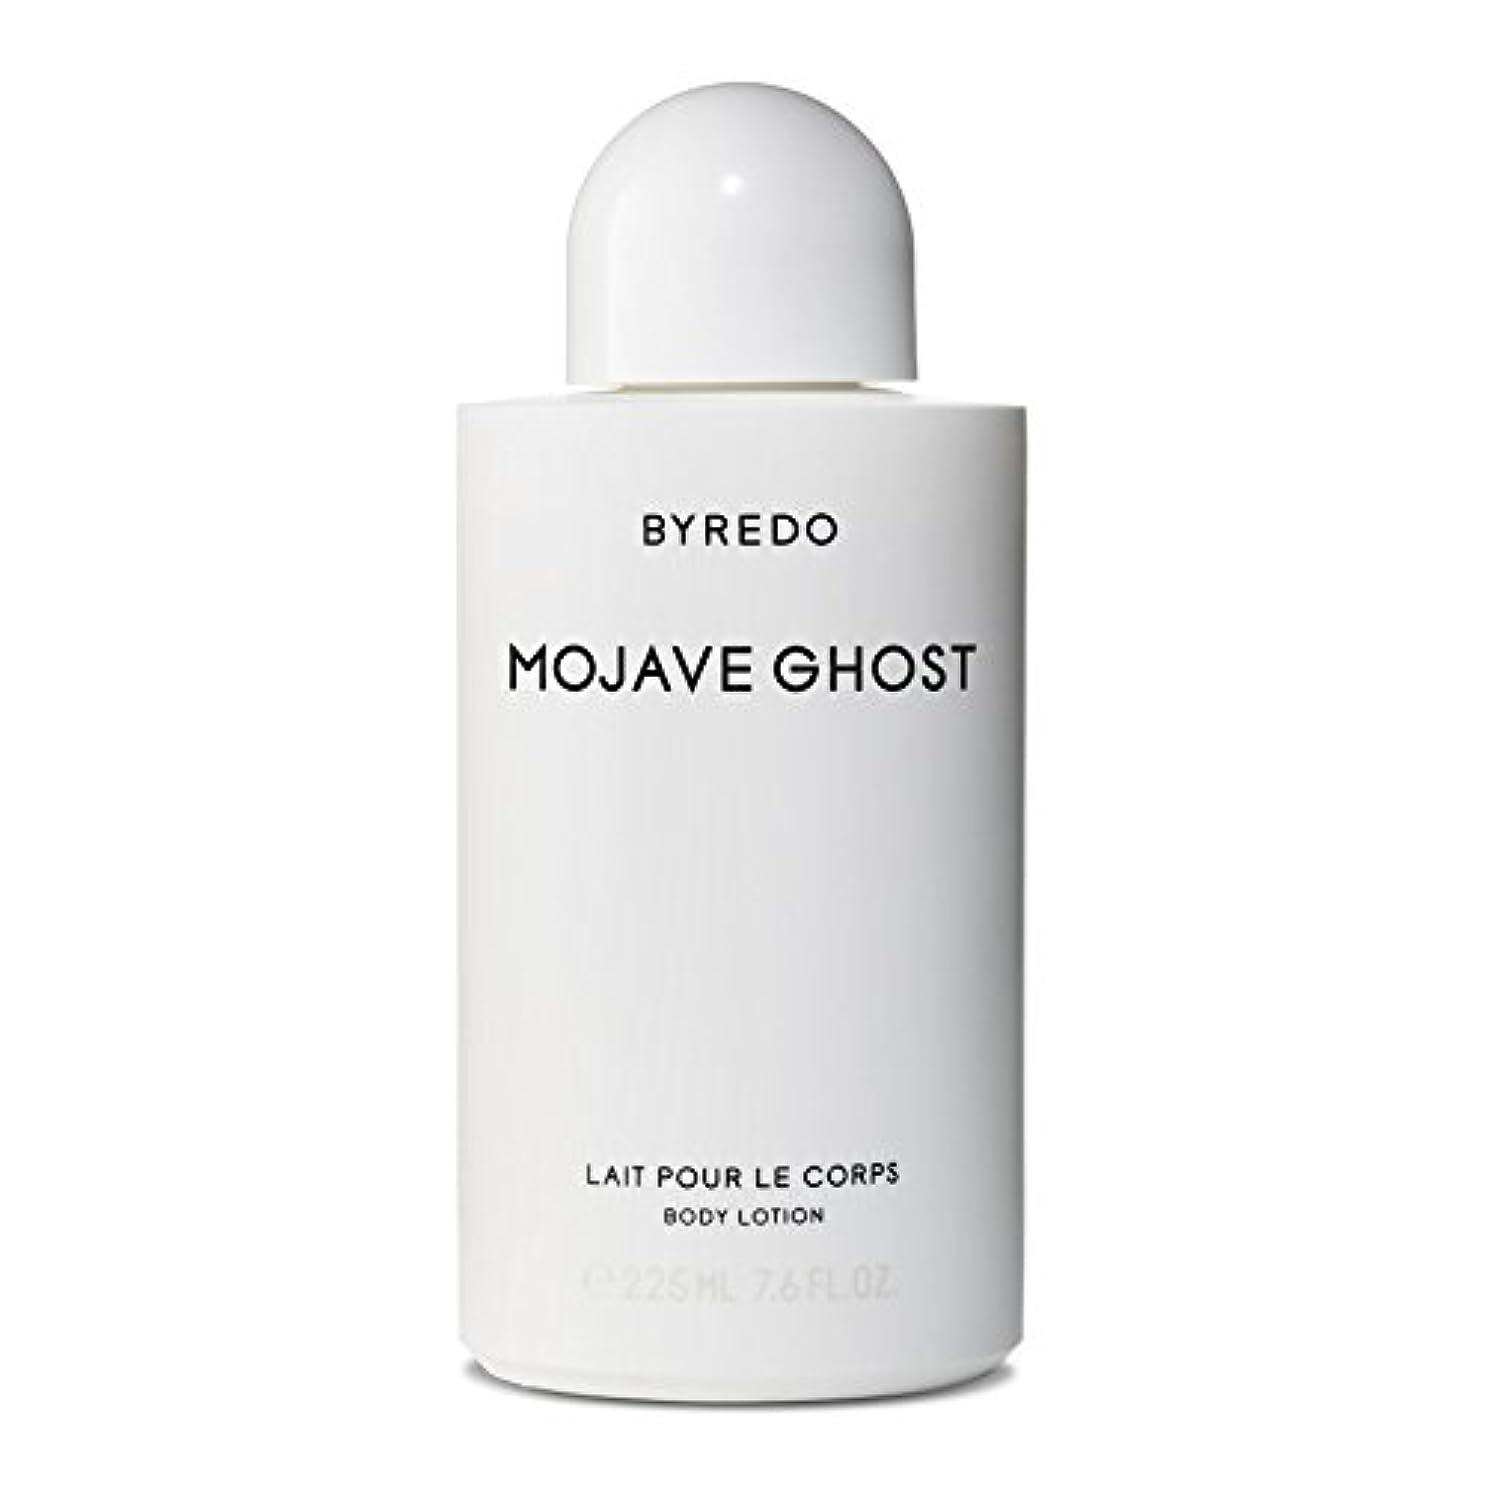 必需品セッティングヒープByredo Mojave Ghost Body Lotion - モハーベゴーストボディローション [並行輸入品]